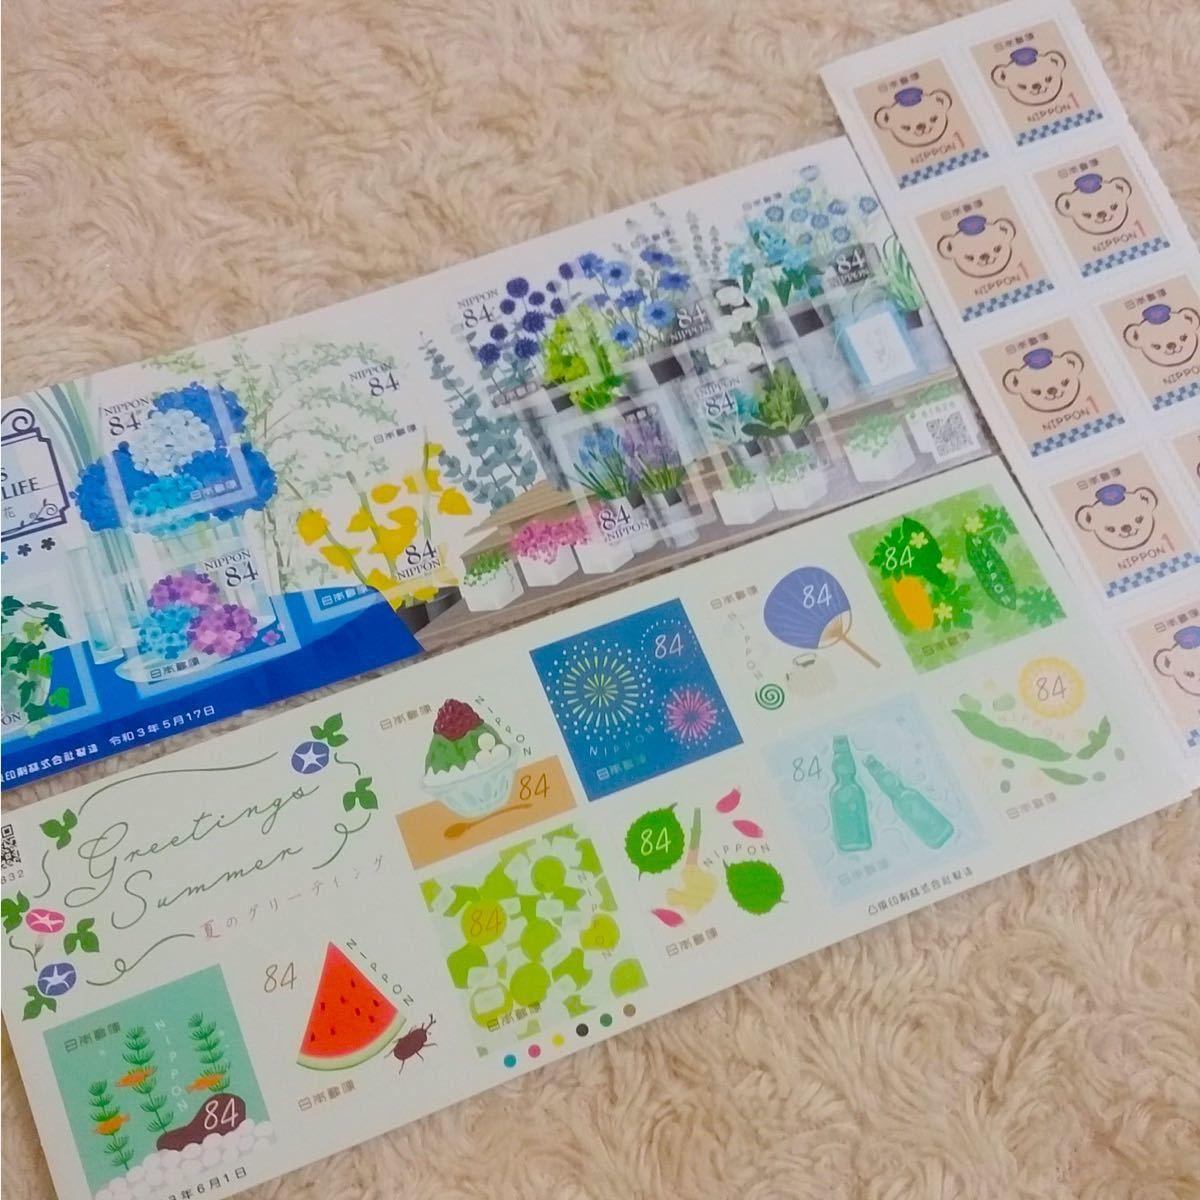 切手シール 切手シート 84円 グリーティング シール 切手 シール切手